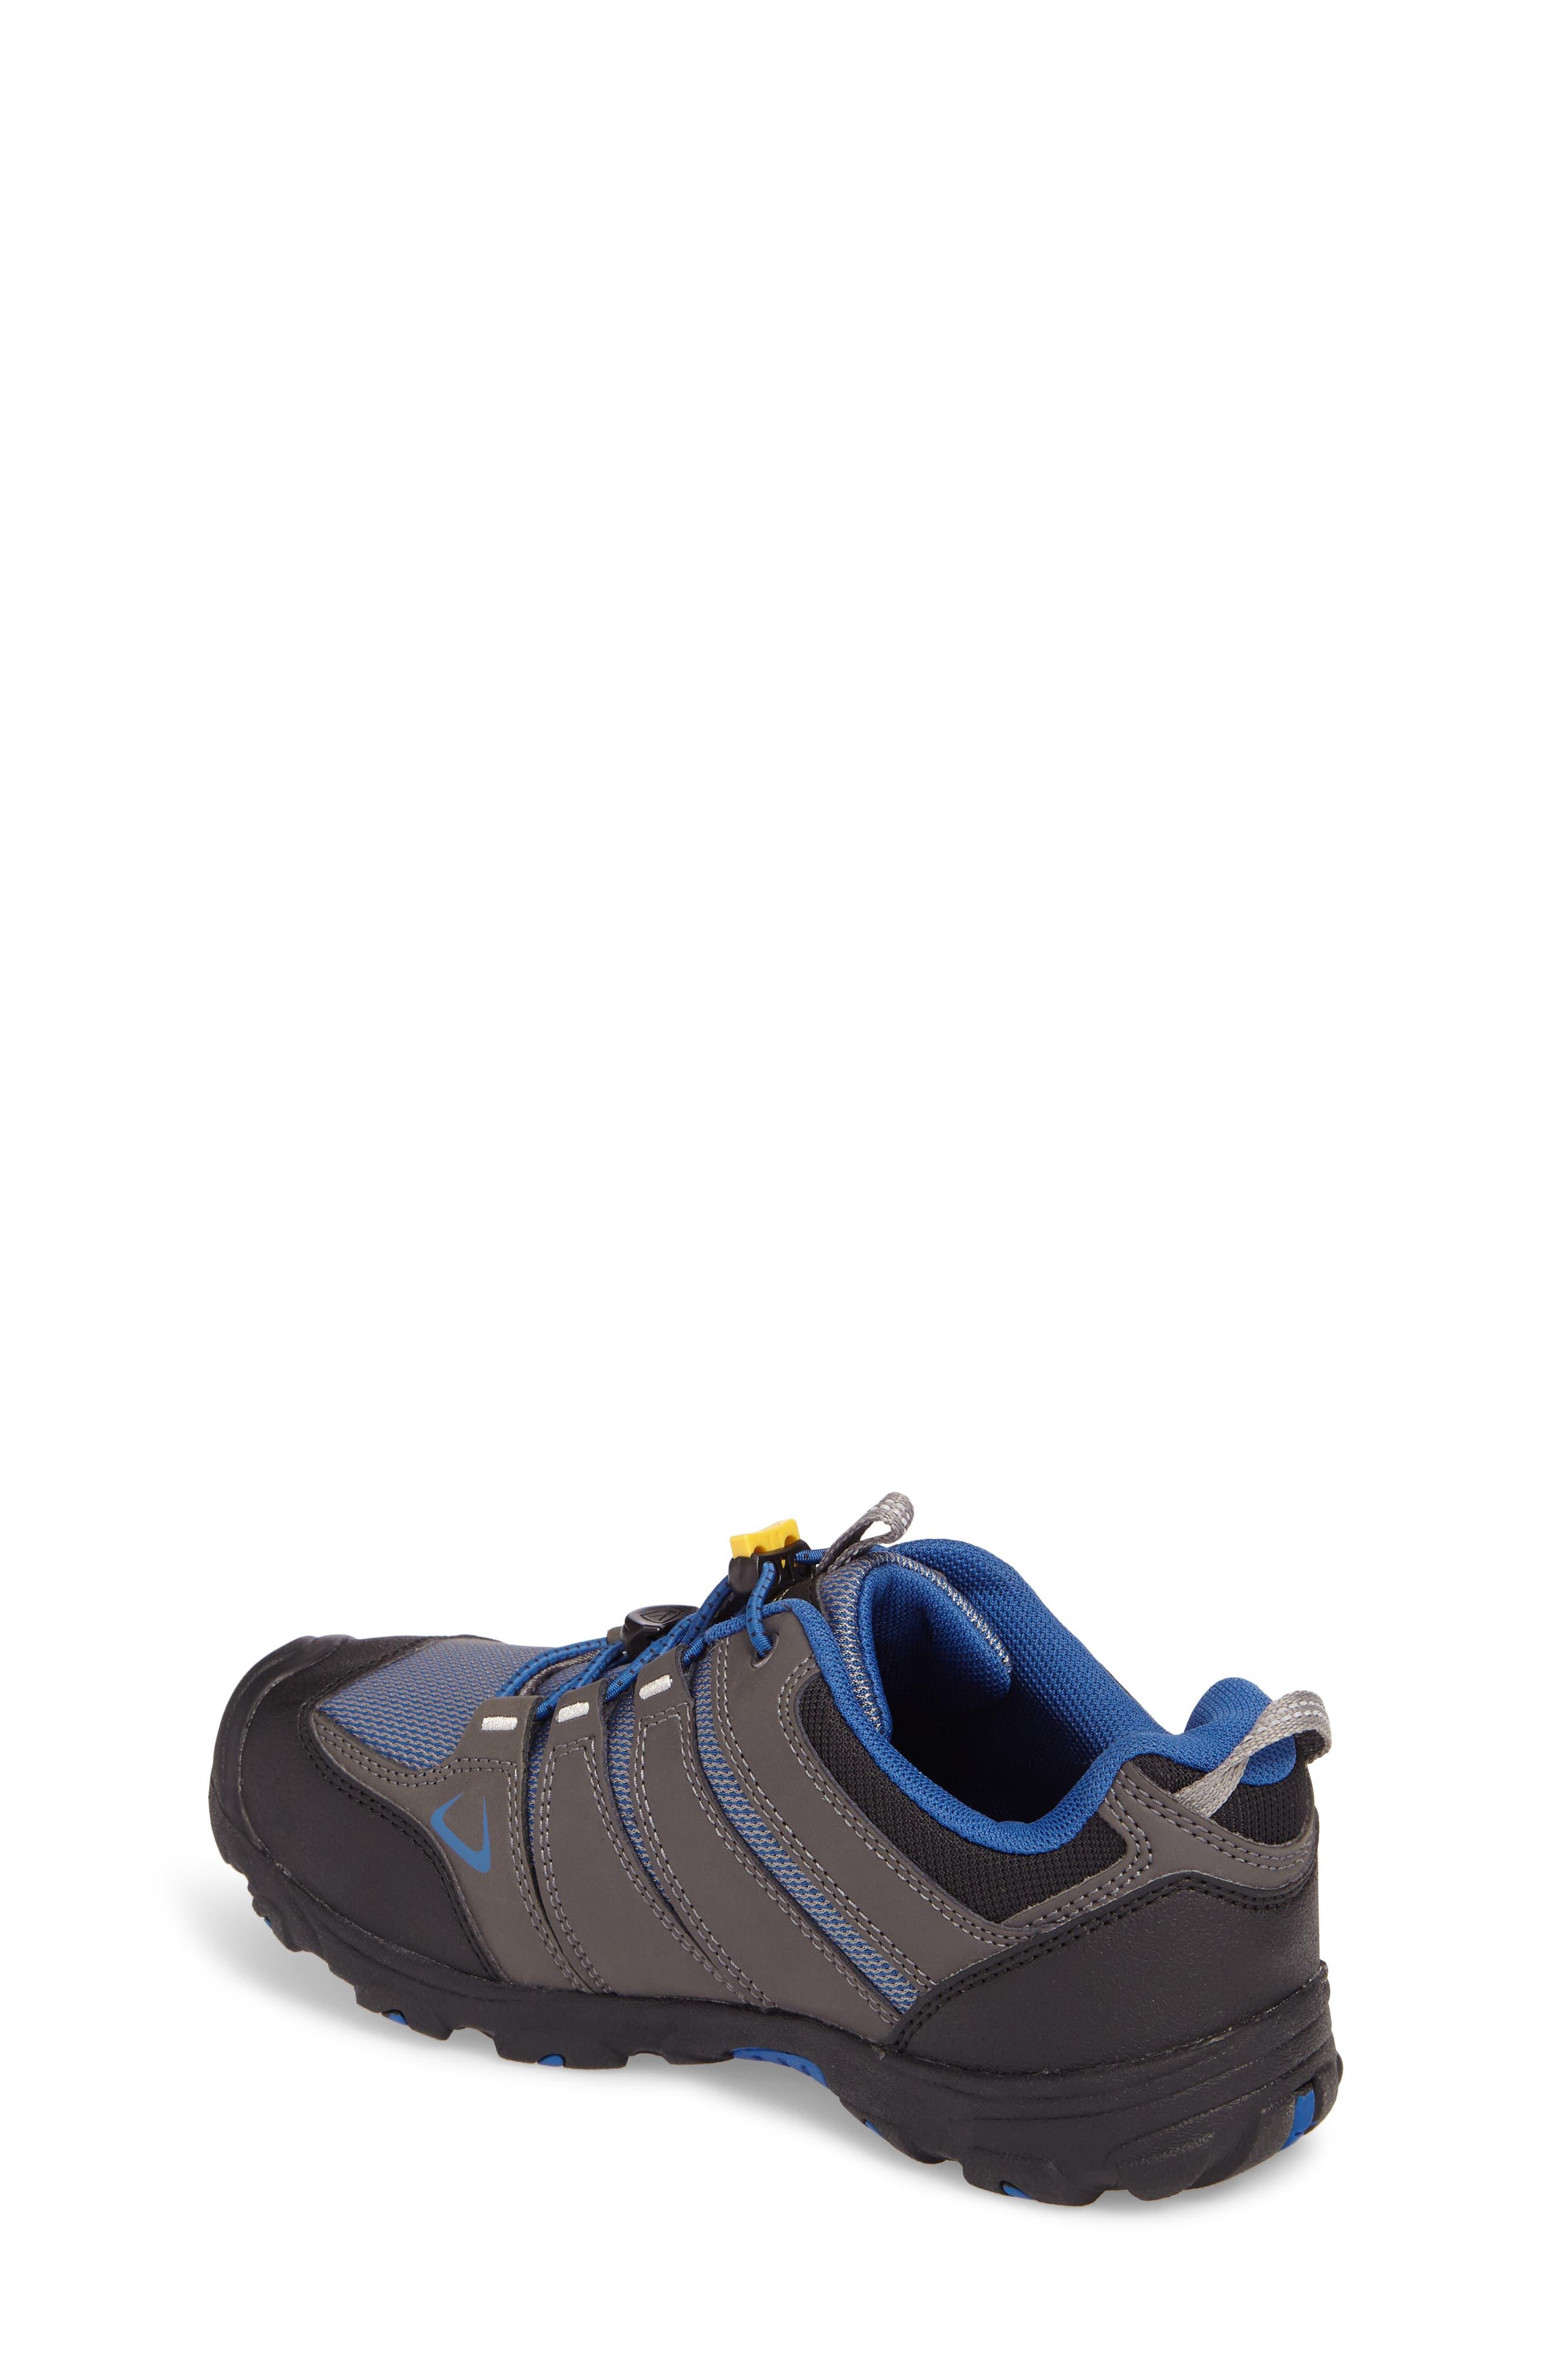 Oakridge Hiking Shoe,                             Alternate thumbnail 2, color,                             Magnet/ True Blue